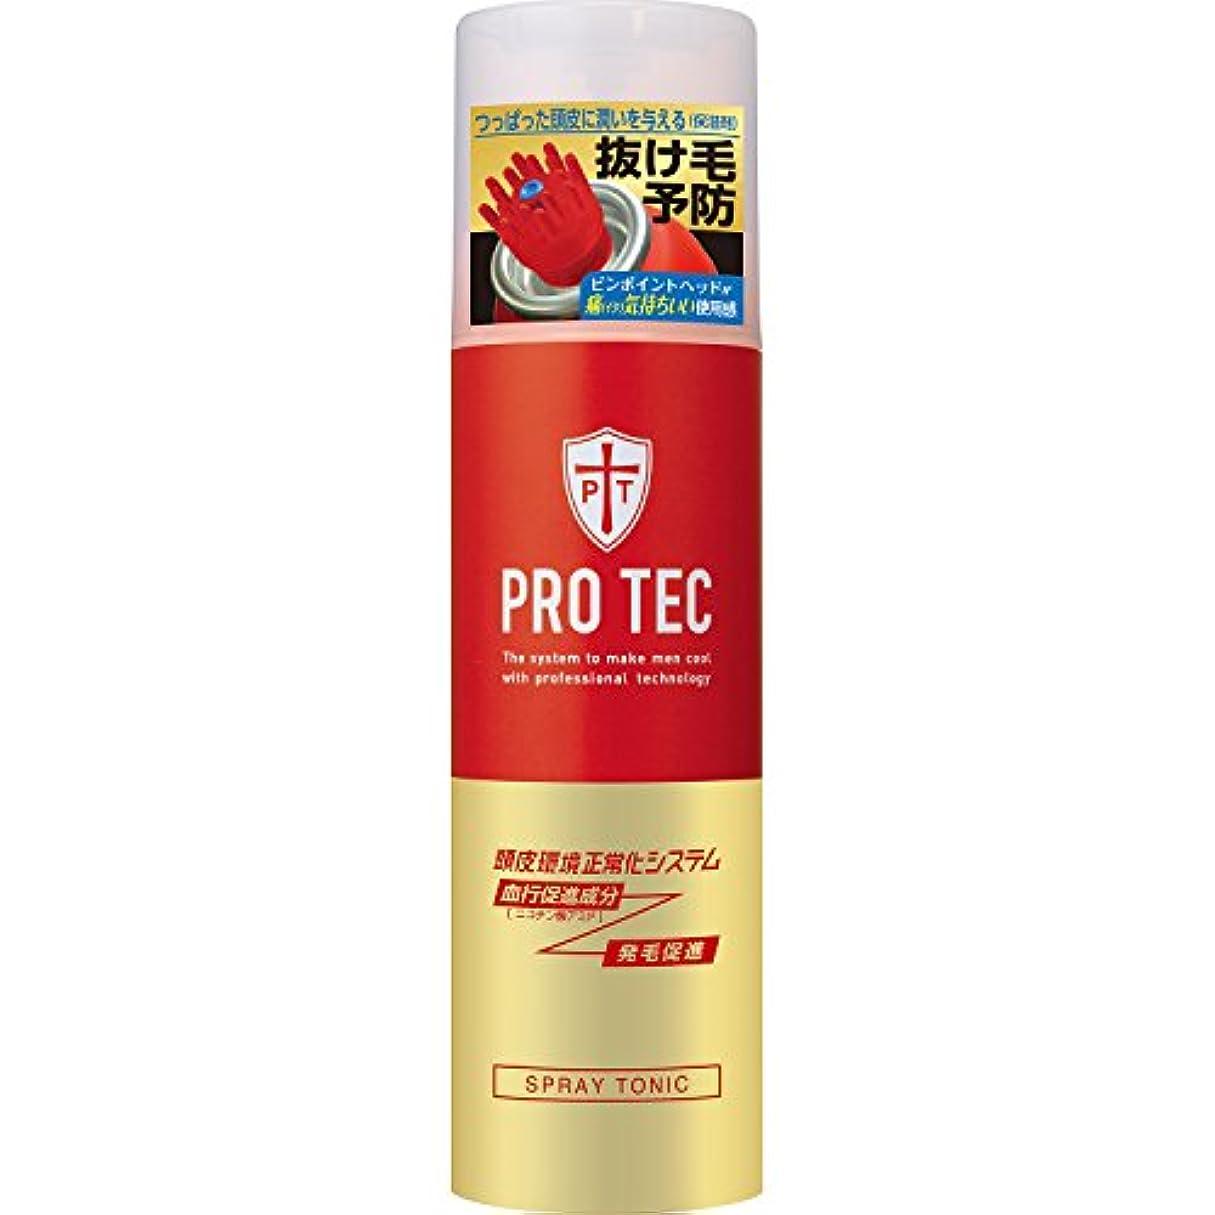 タイムリーな先生侵入PRO TEC(プロテク) スプレートニック 150g(医薬部外品)